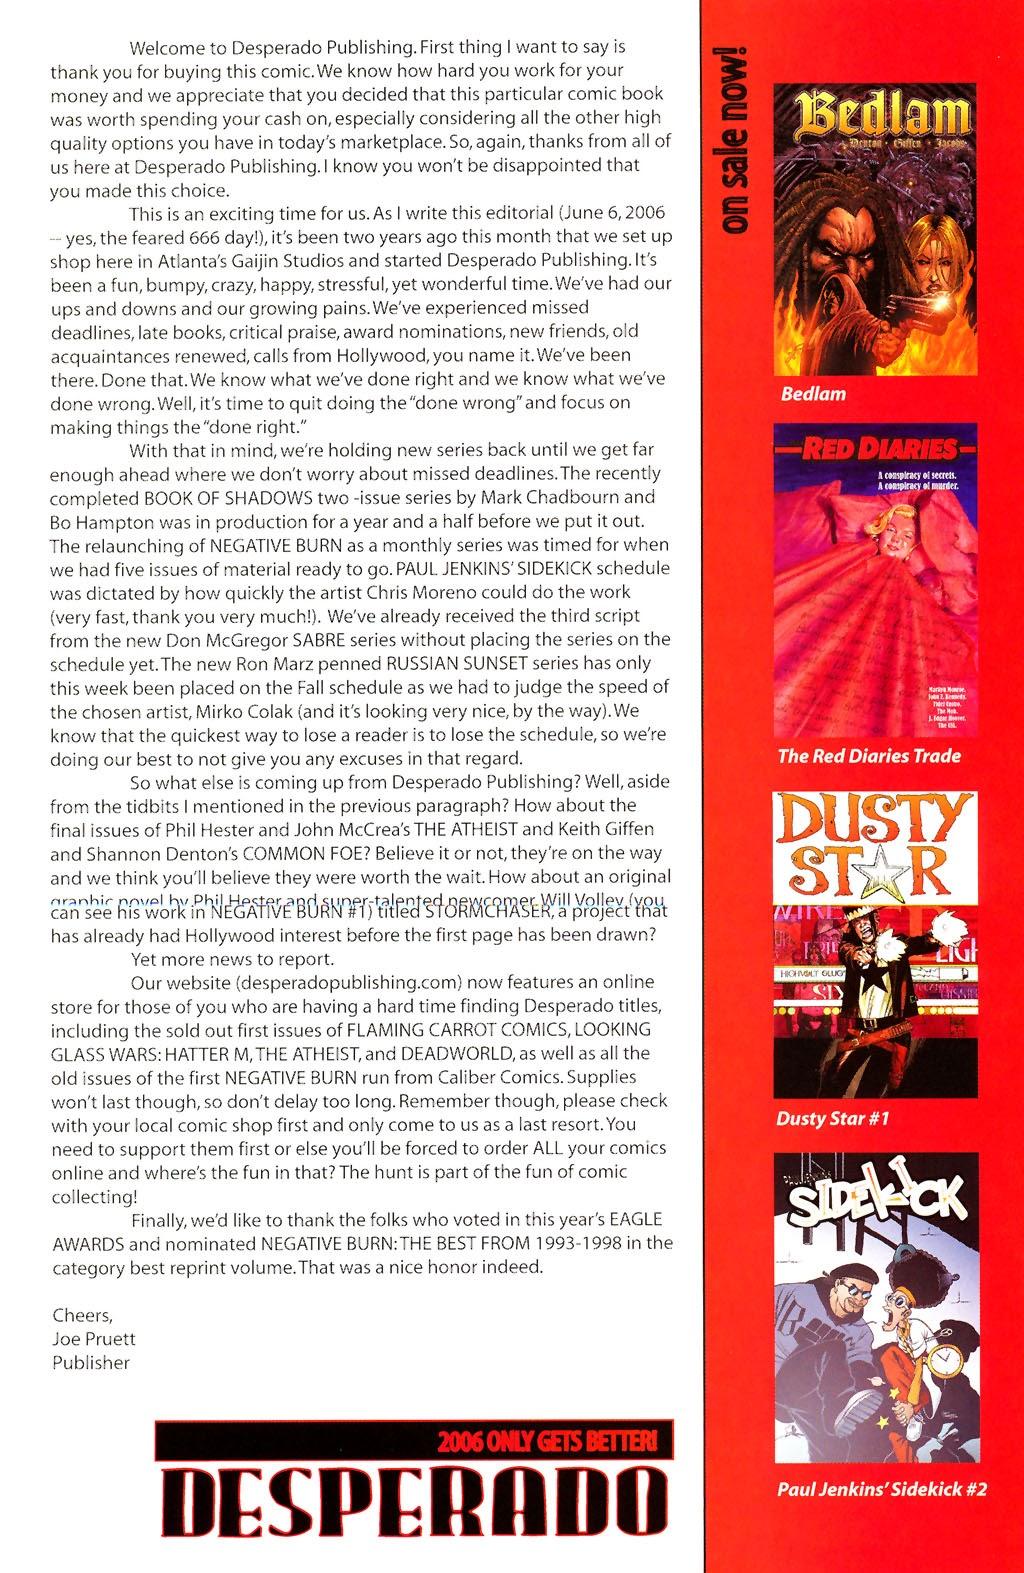 Paul Jenkins Sidekick 2 Page 31